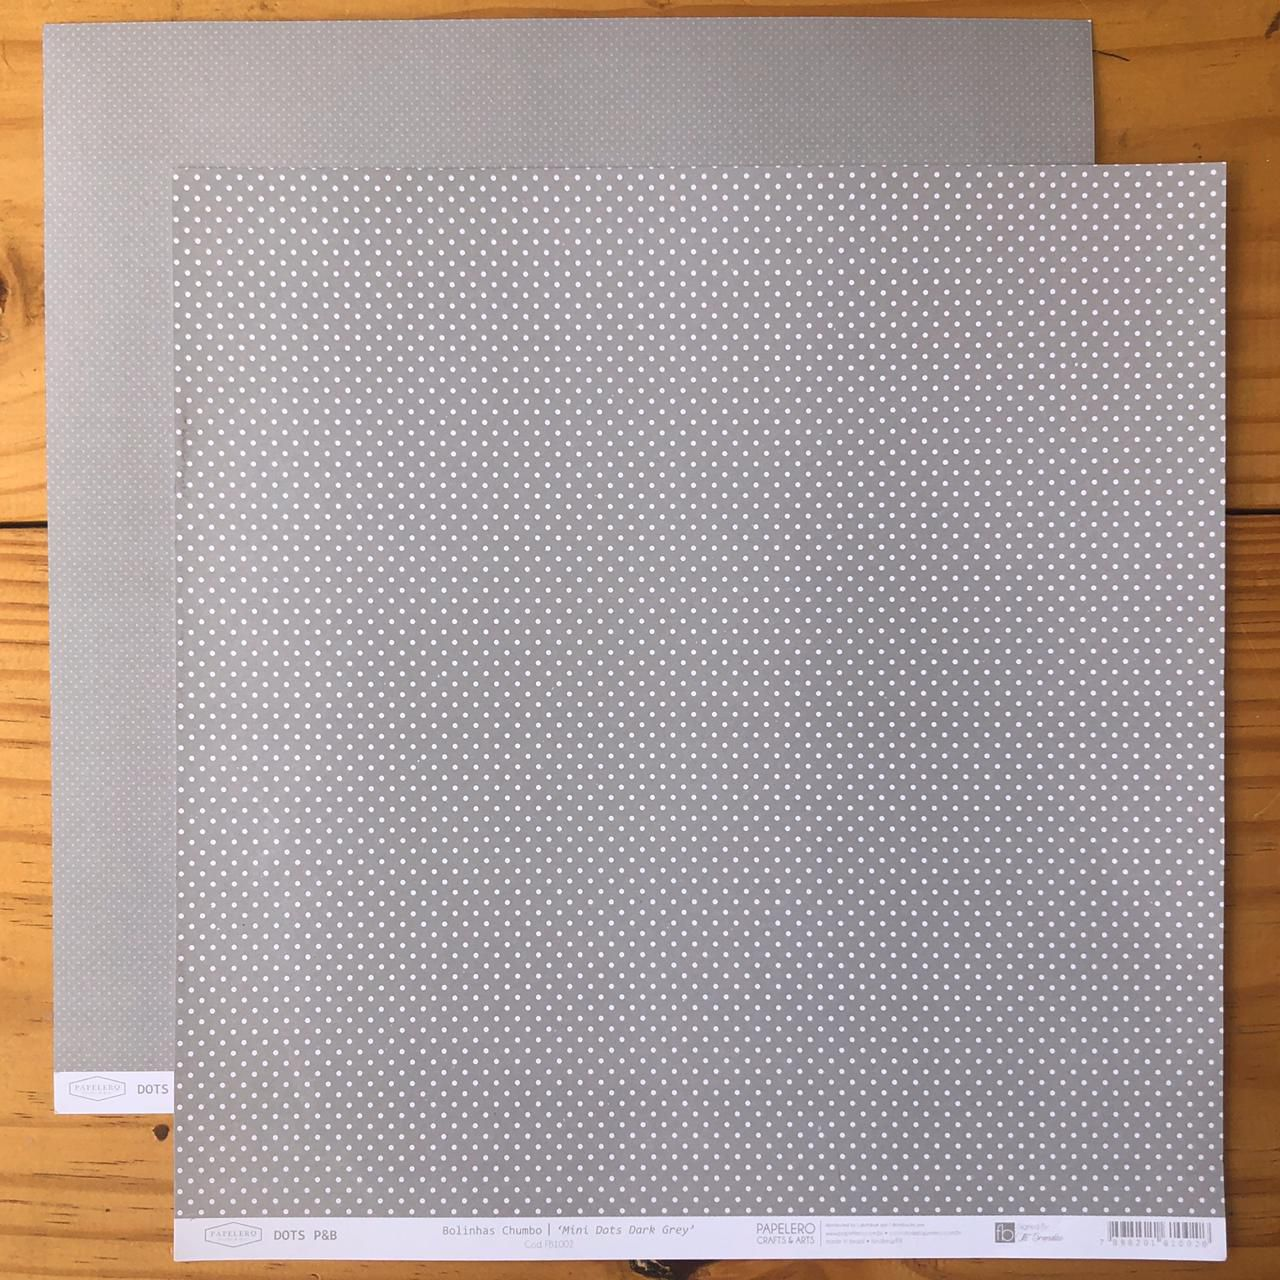 Papel Scrap - Bolinhas Chumbo - Coleção Dots P&B - Papelero (FB1002)